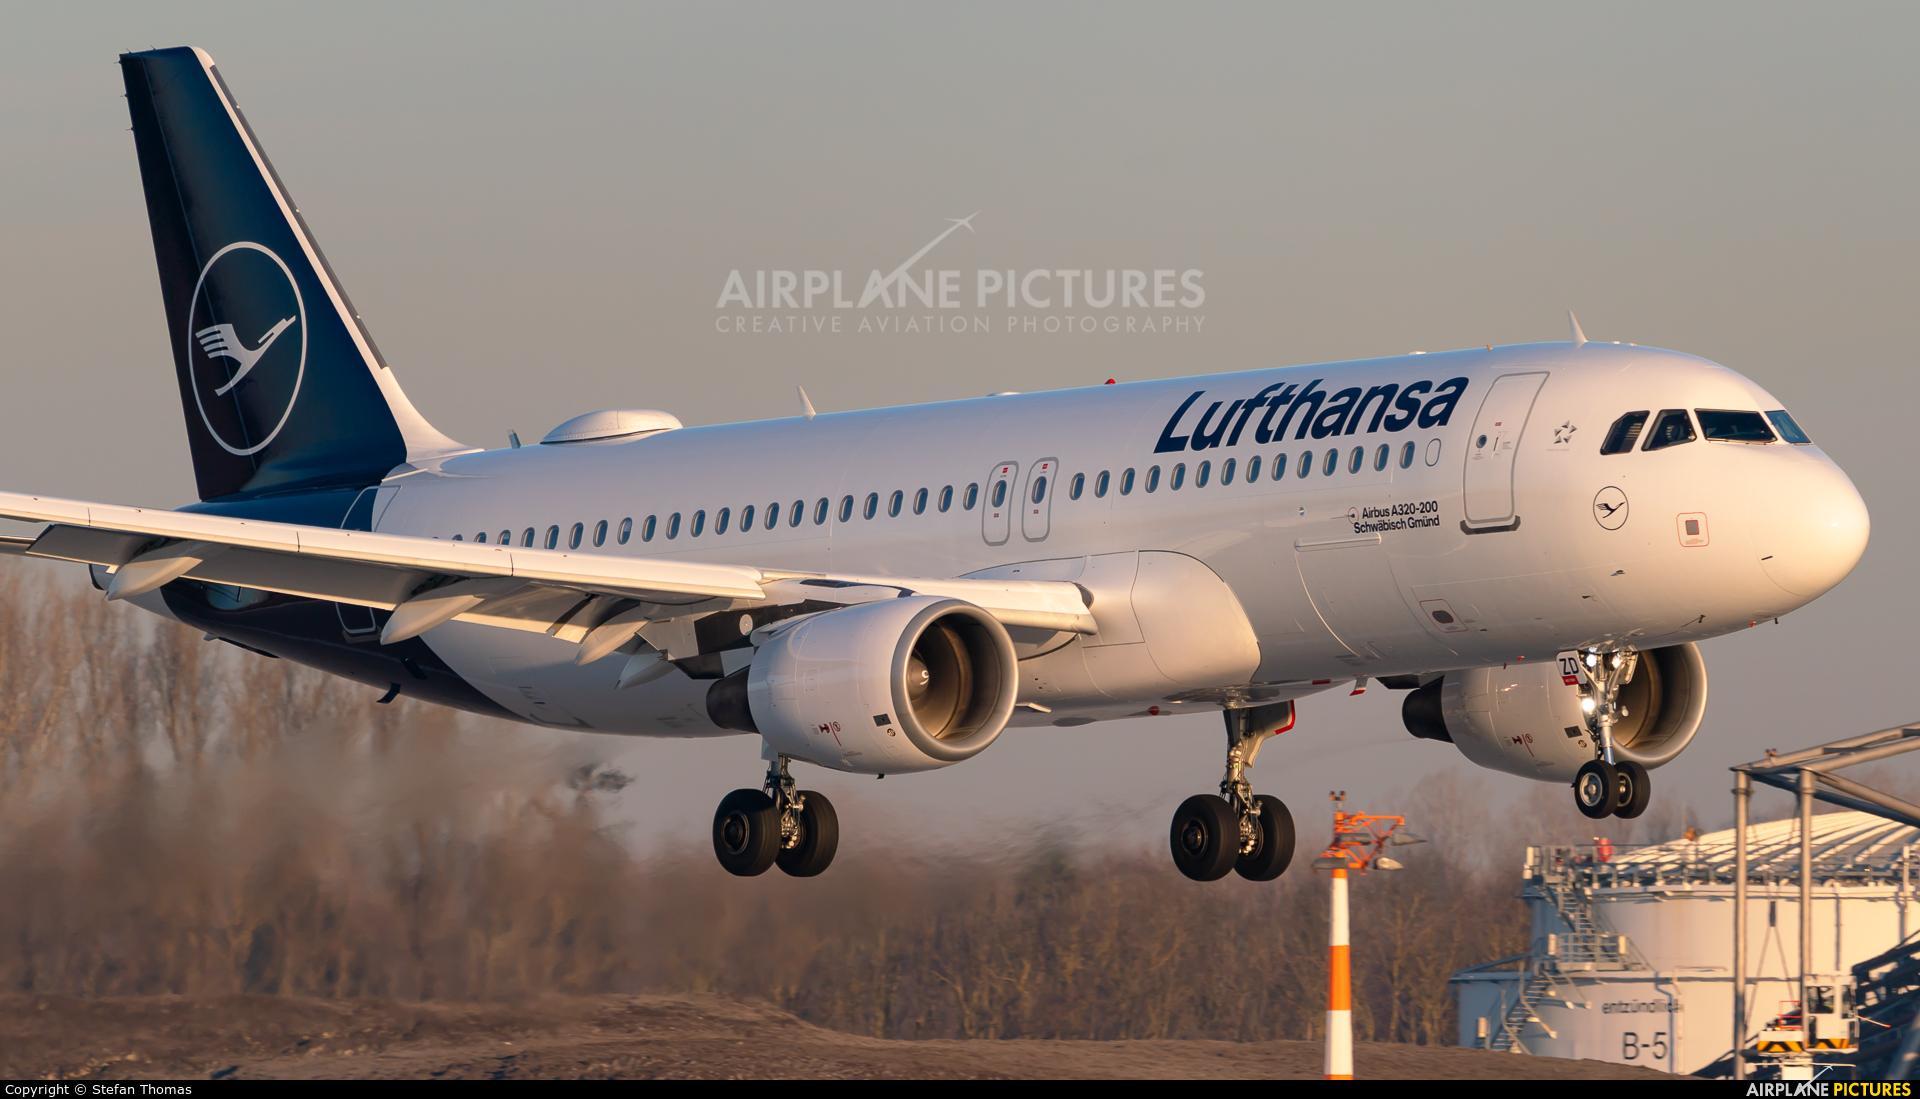 Lufthansa D-AIZD aircraft at Munich